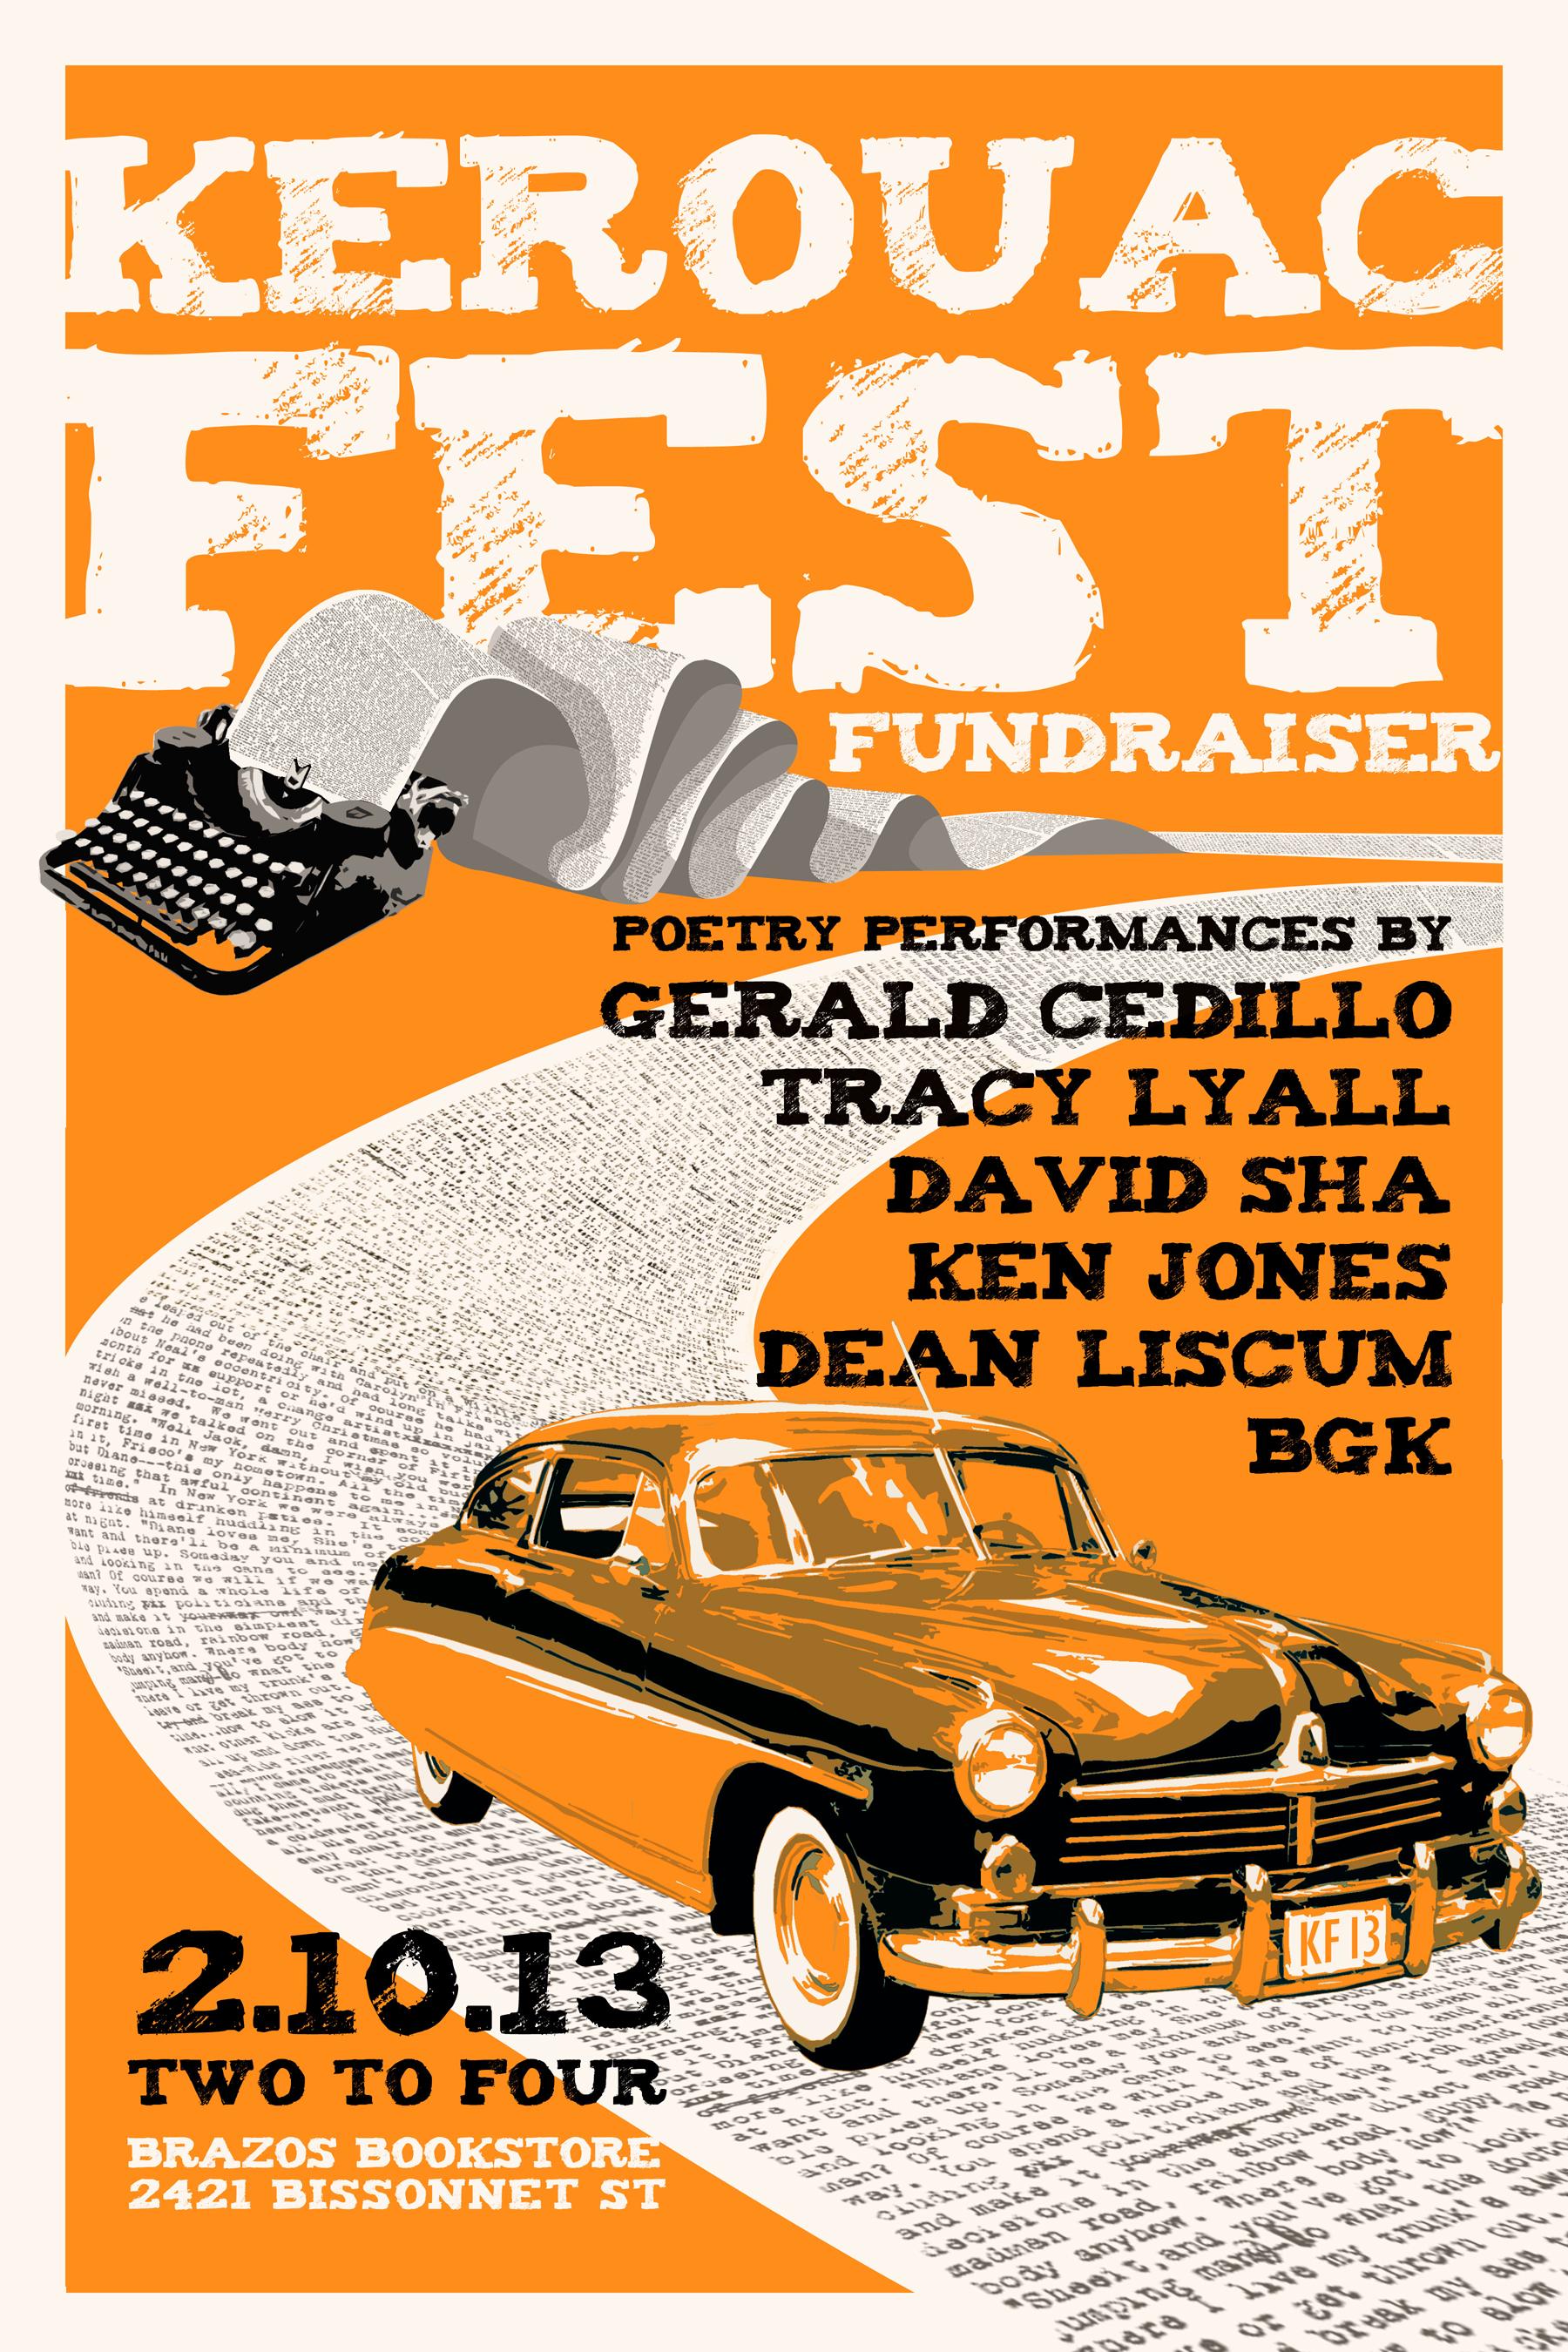 KerouacFest_fundraiser.jpg